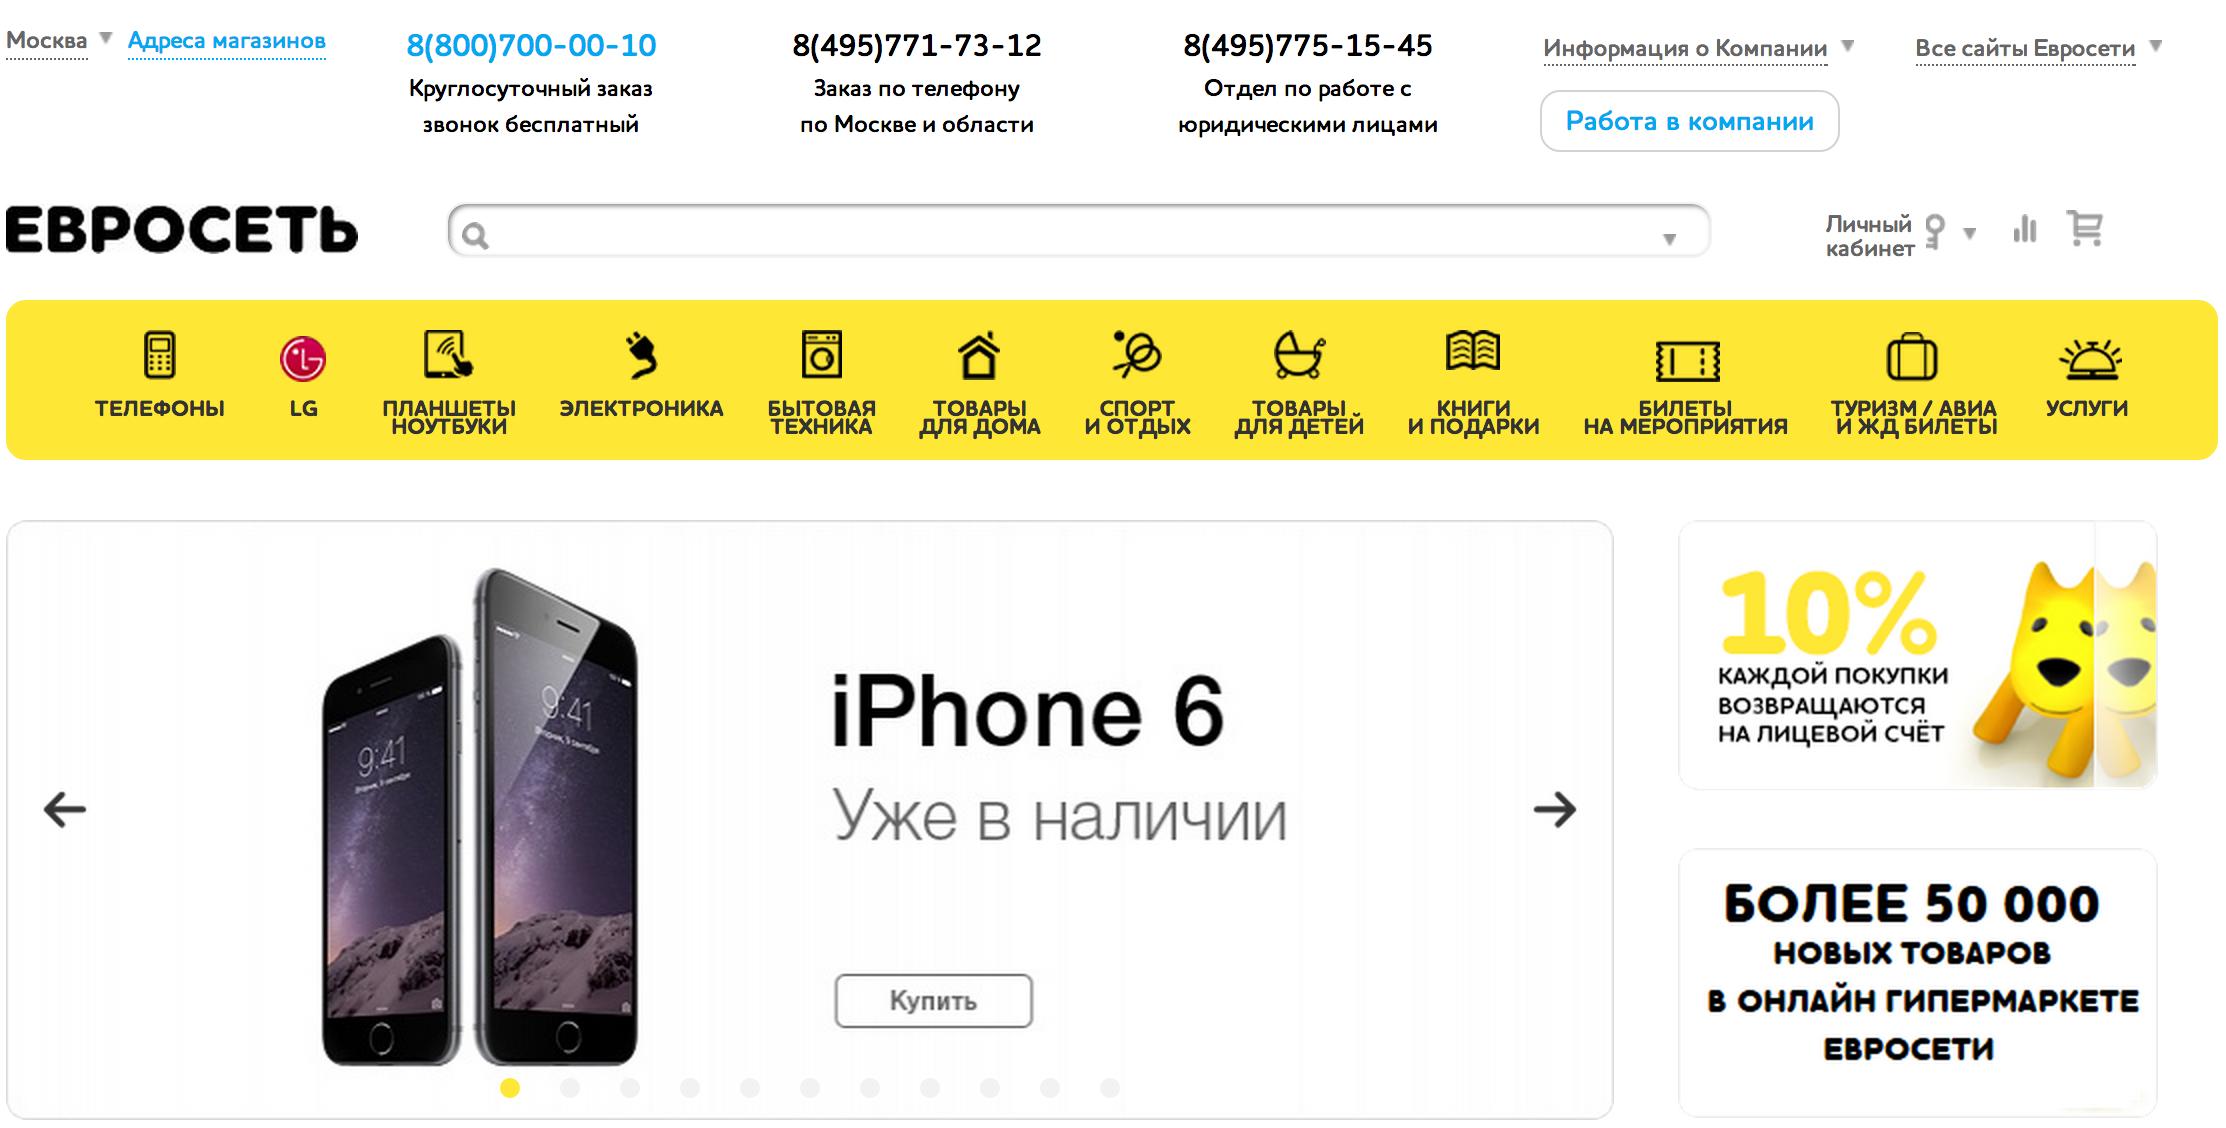 b09371ea983 Промокод Евросеть - купоны и скидки Euroset.ru!